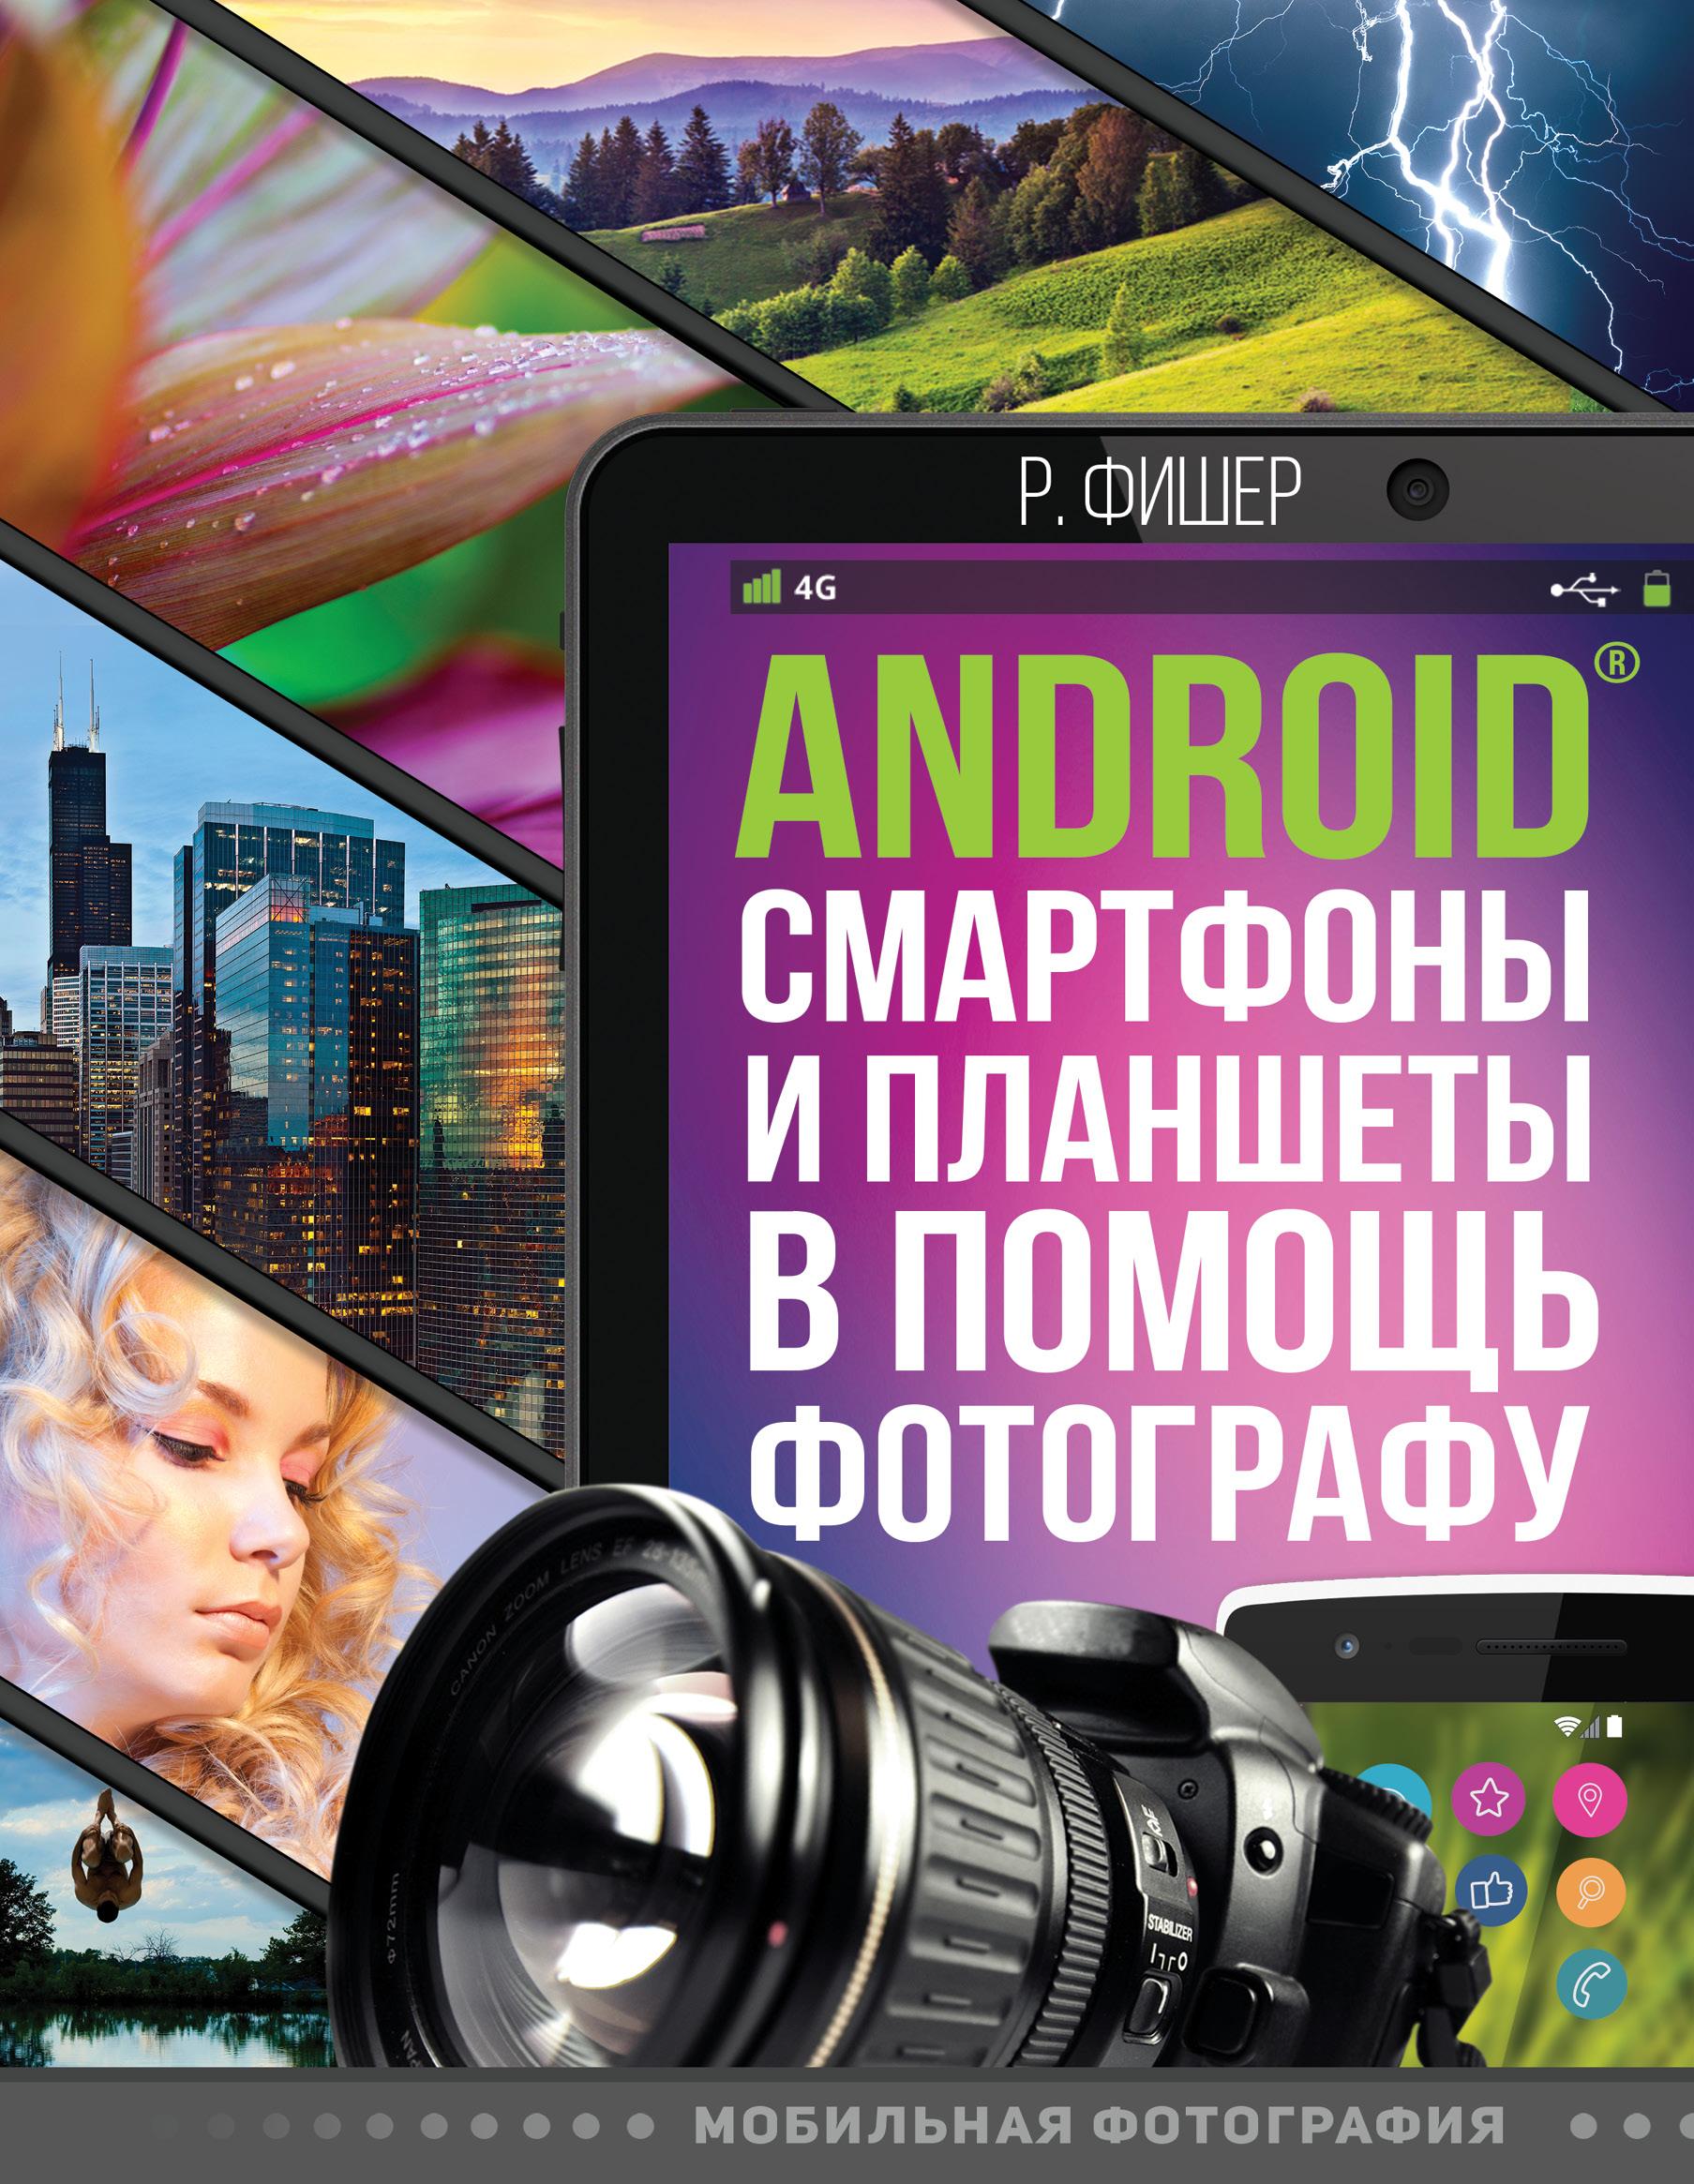 Роберт Фишер Android смартфоны и планшеты в помощь фотографу андрей жвалевский смартфоны и планшеты android визуальный самоучитель